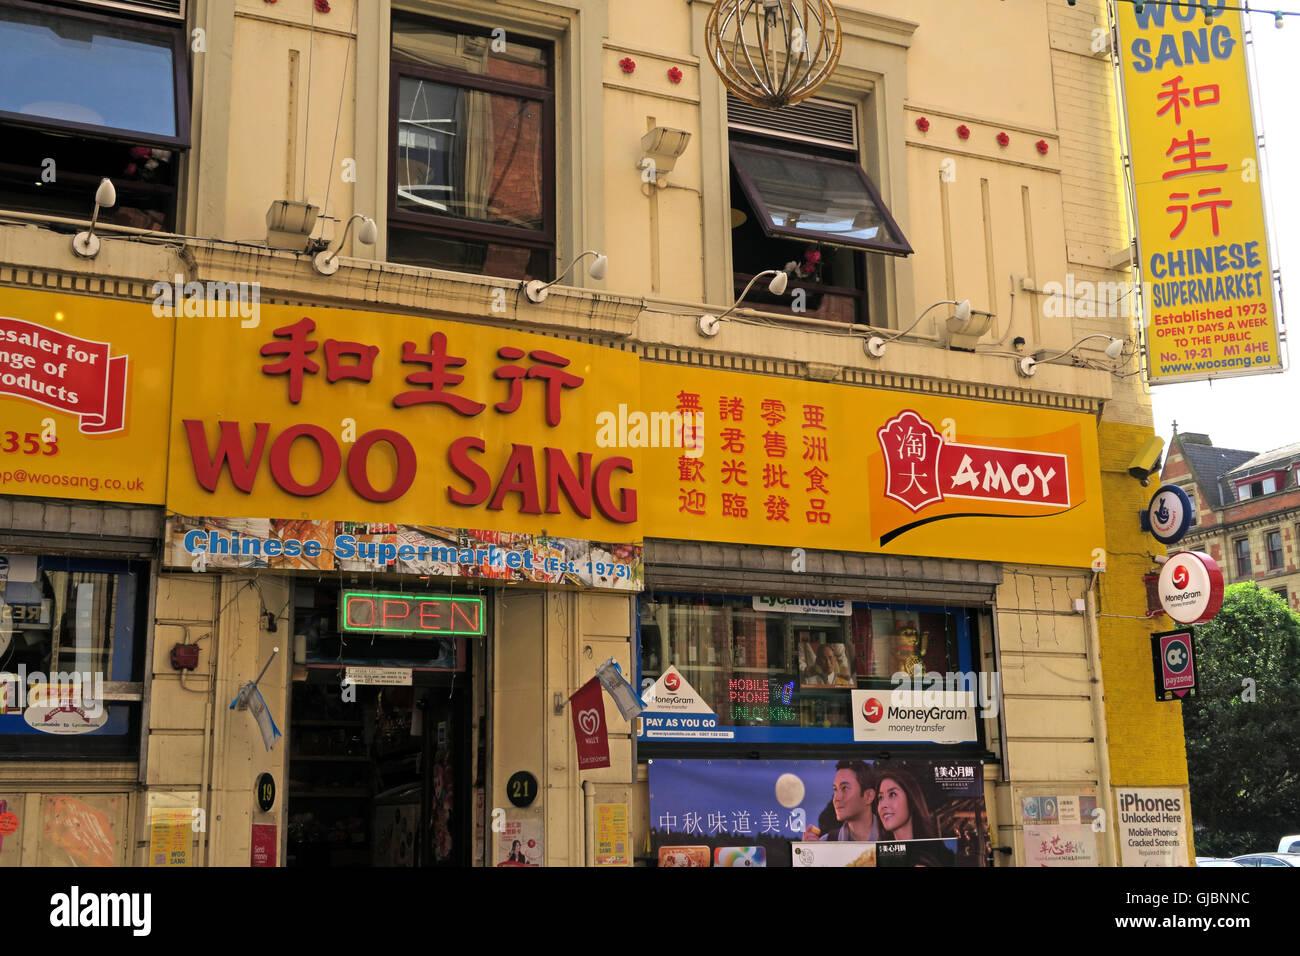 Laden Sie dieses Alamy Stockfoto Woo Sang Supermarkt, Manchester Chinatown, Faulkner Street, City Centre, Manchester, North West England, Großbritannien - GJBNNC